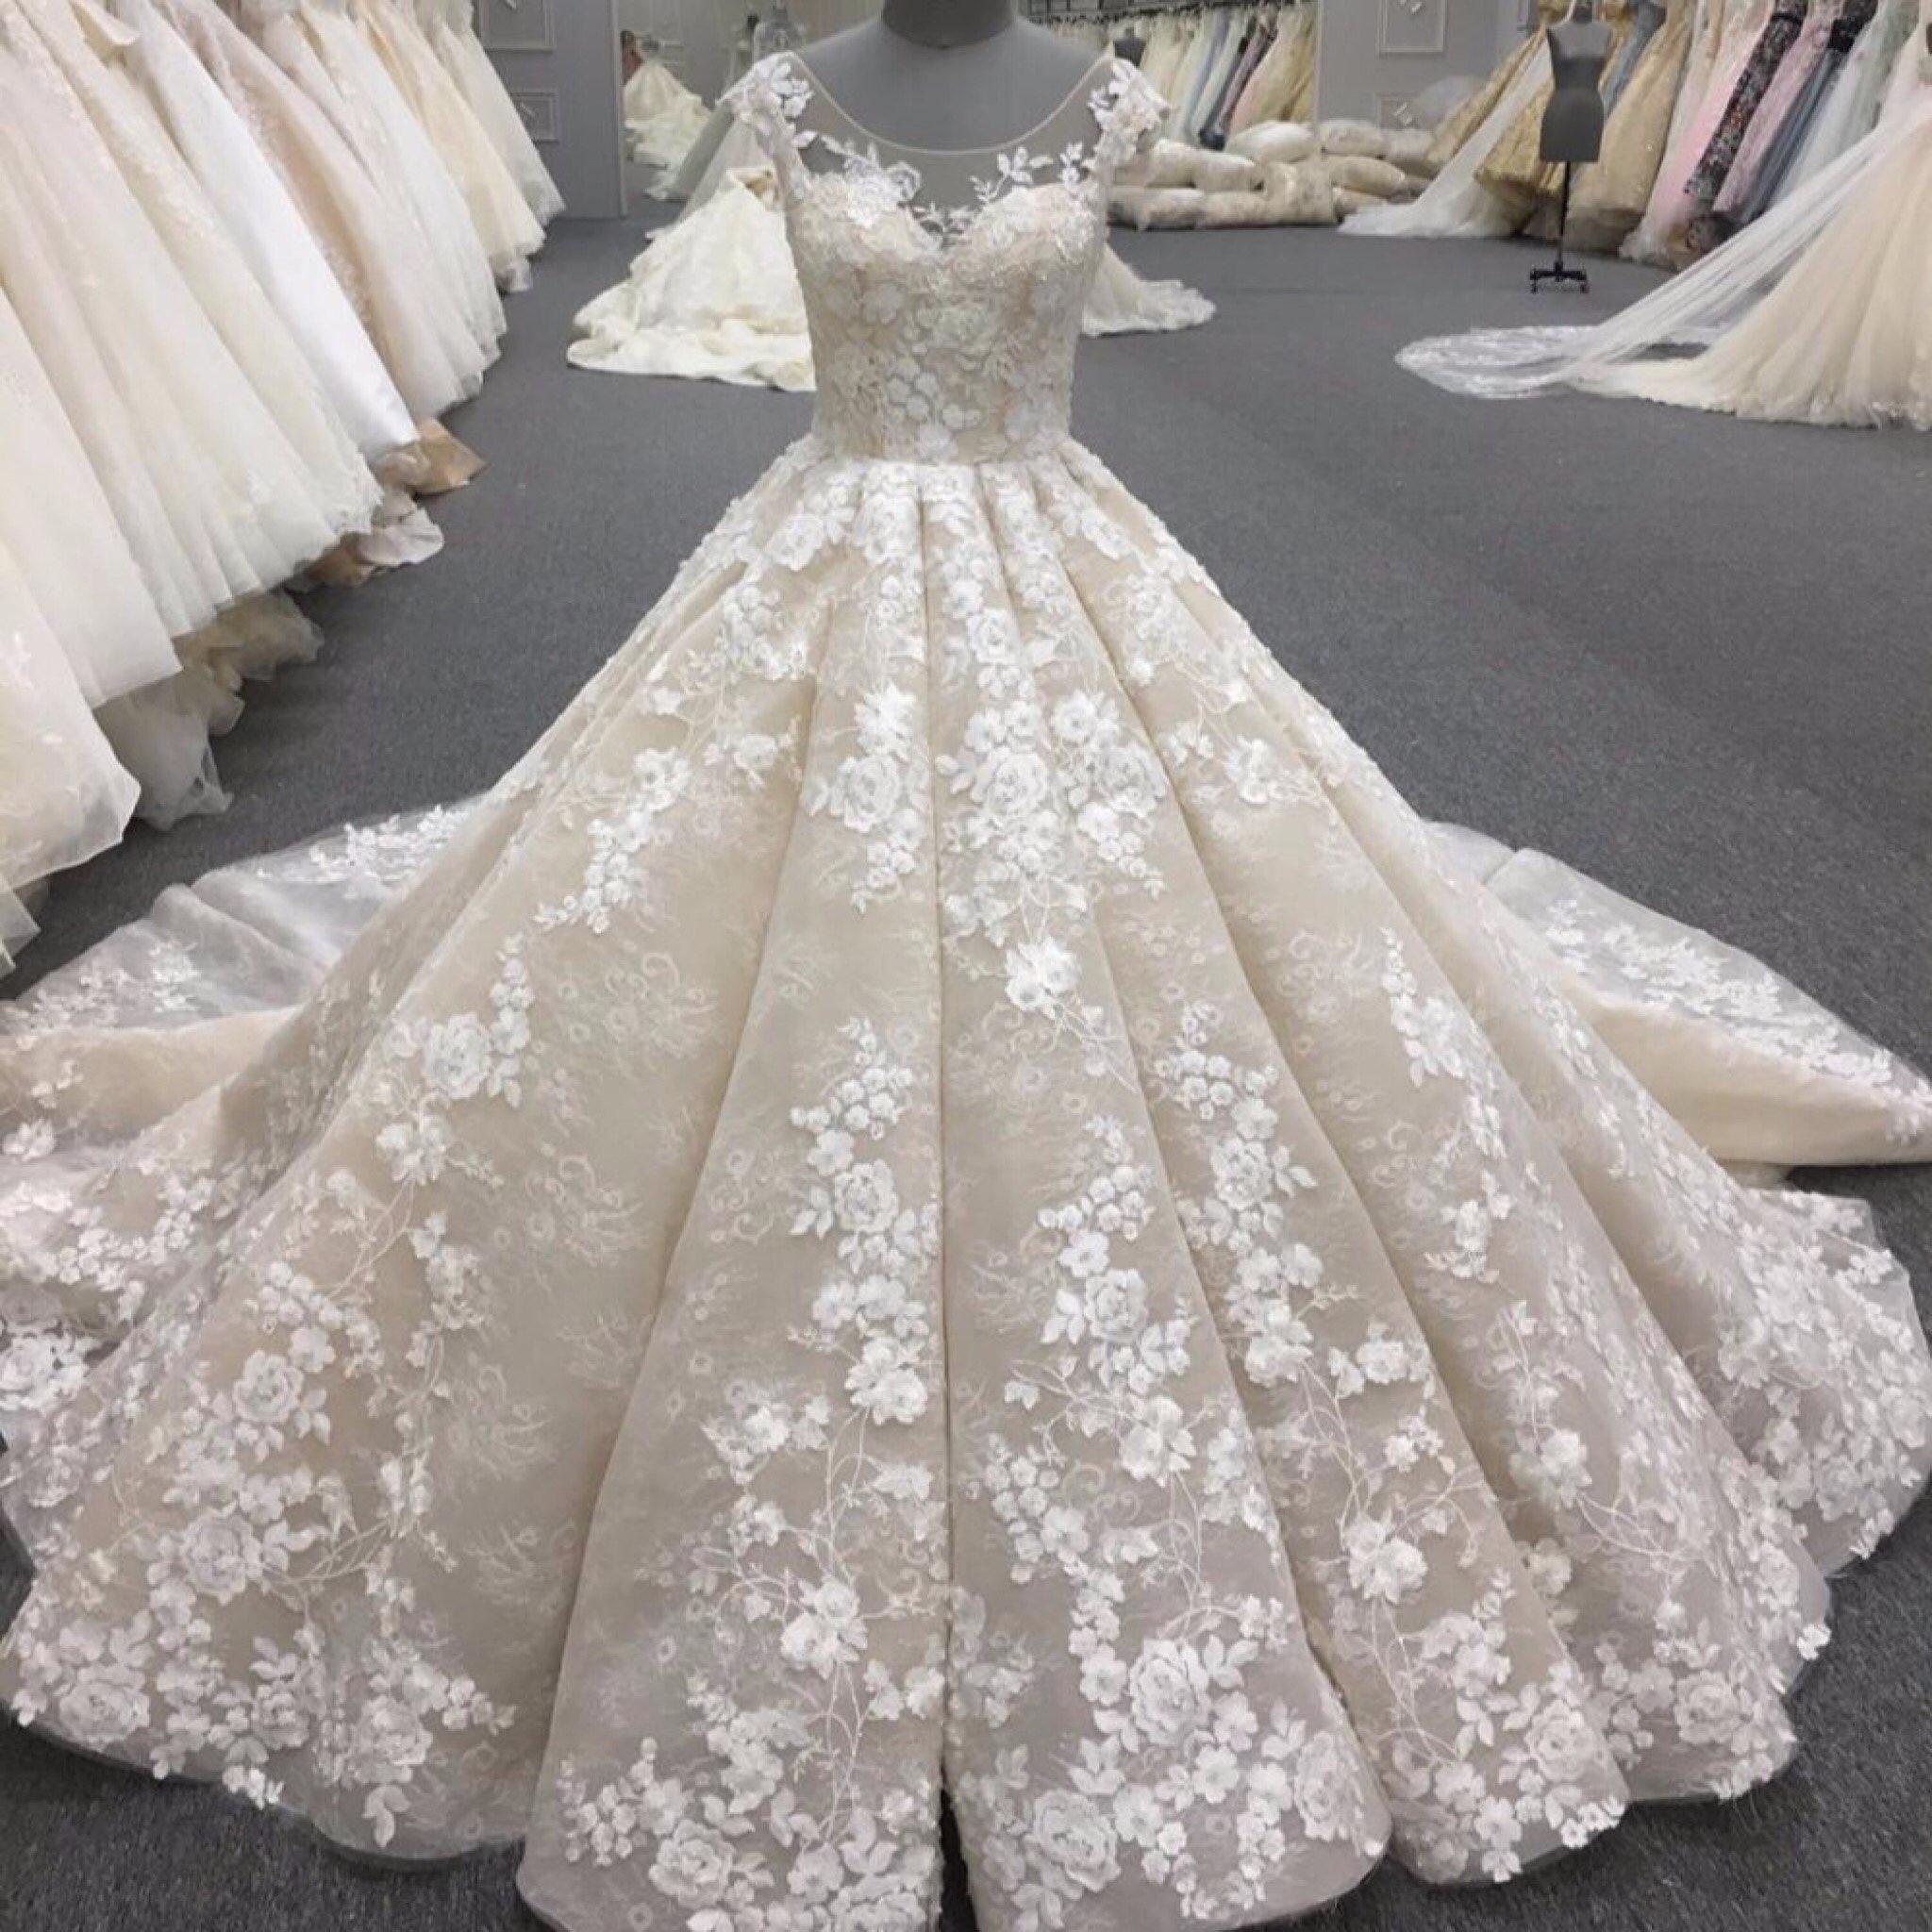 3abc5d14a16ac فستان زفاف من تنفيذنا فخم جدا مطرز